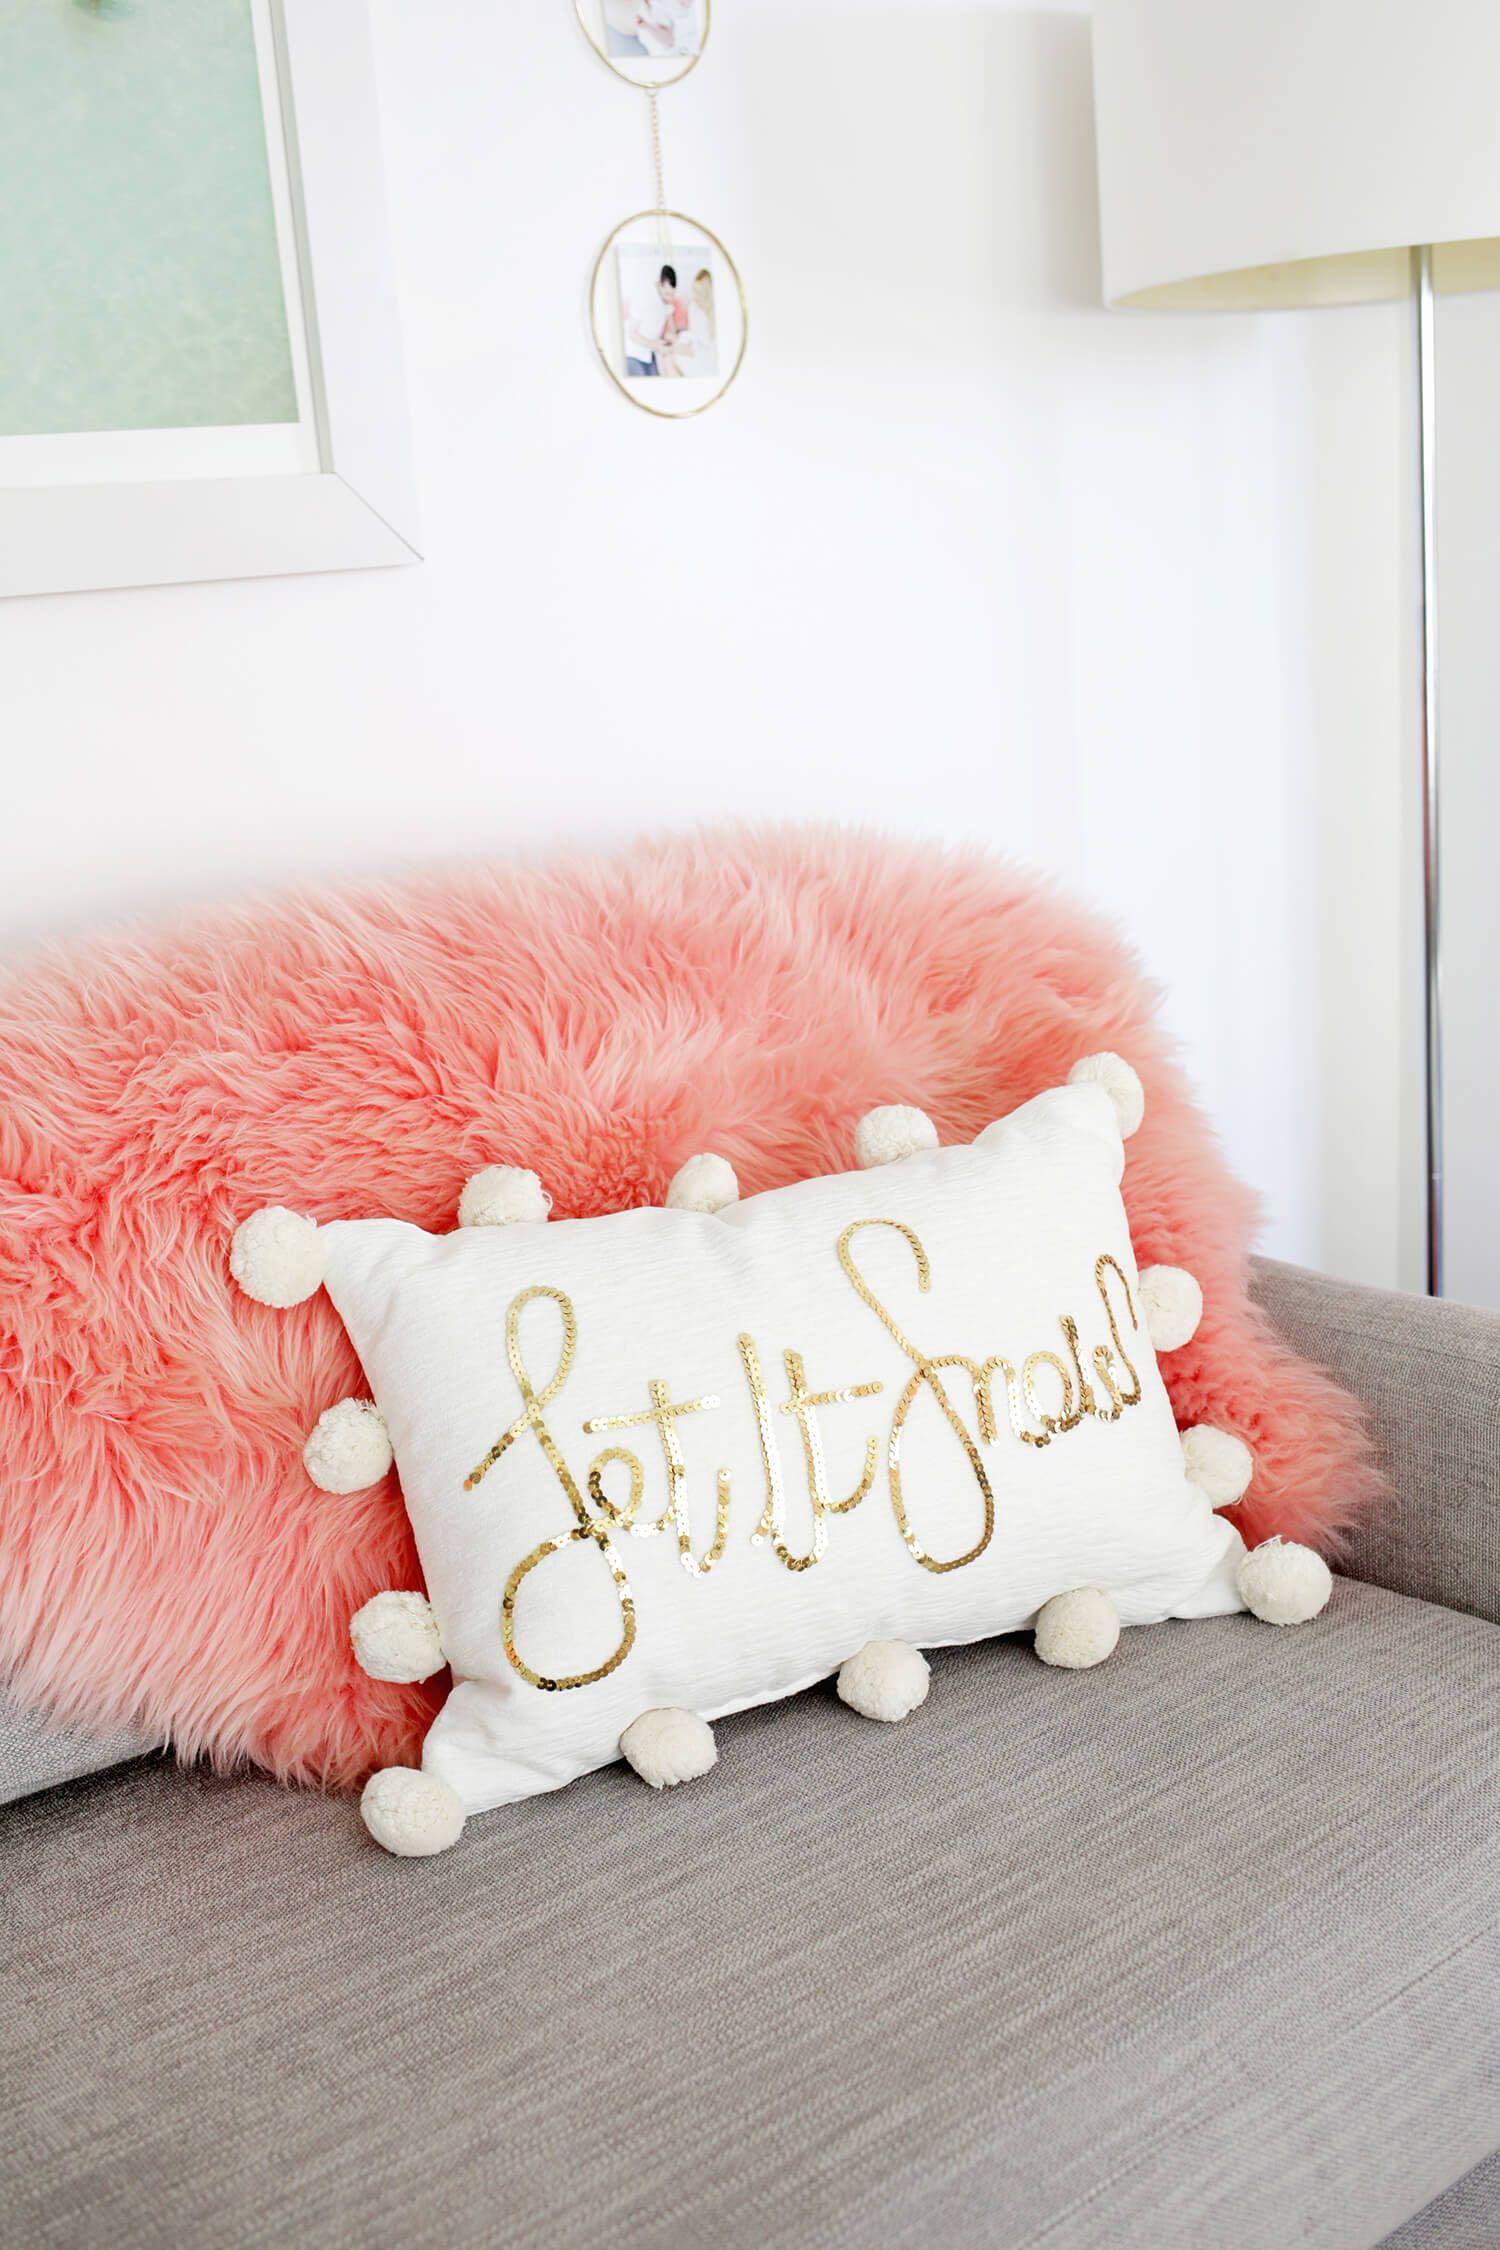 Sequin Phrase Pillow DIY! – A Beautiful Mess